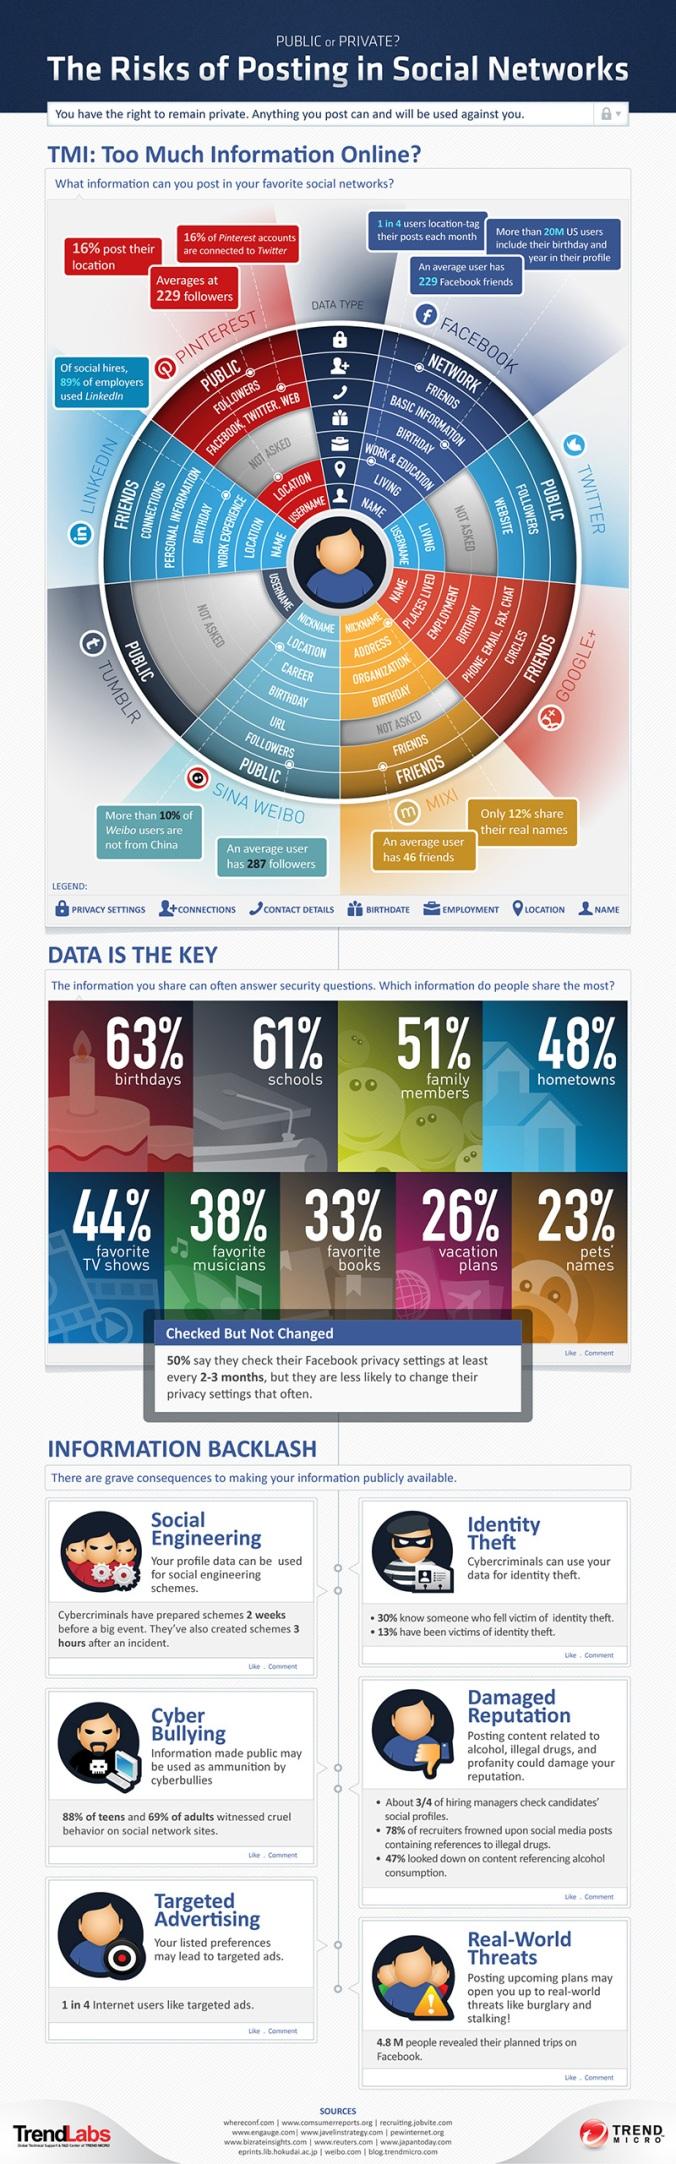 TrendLabs Infographic